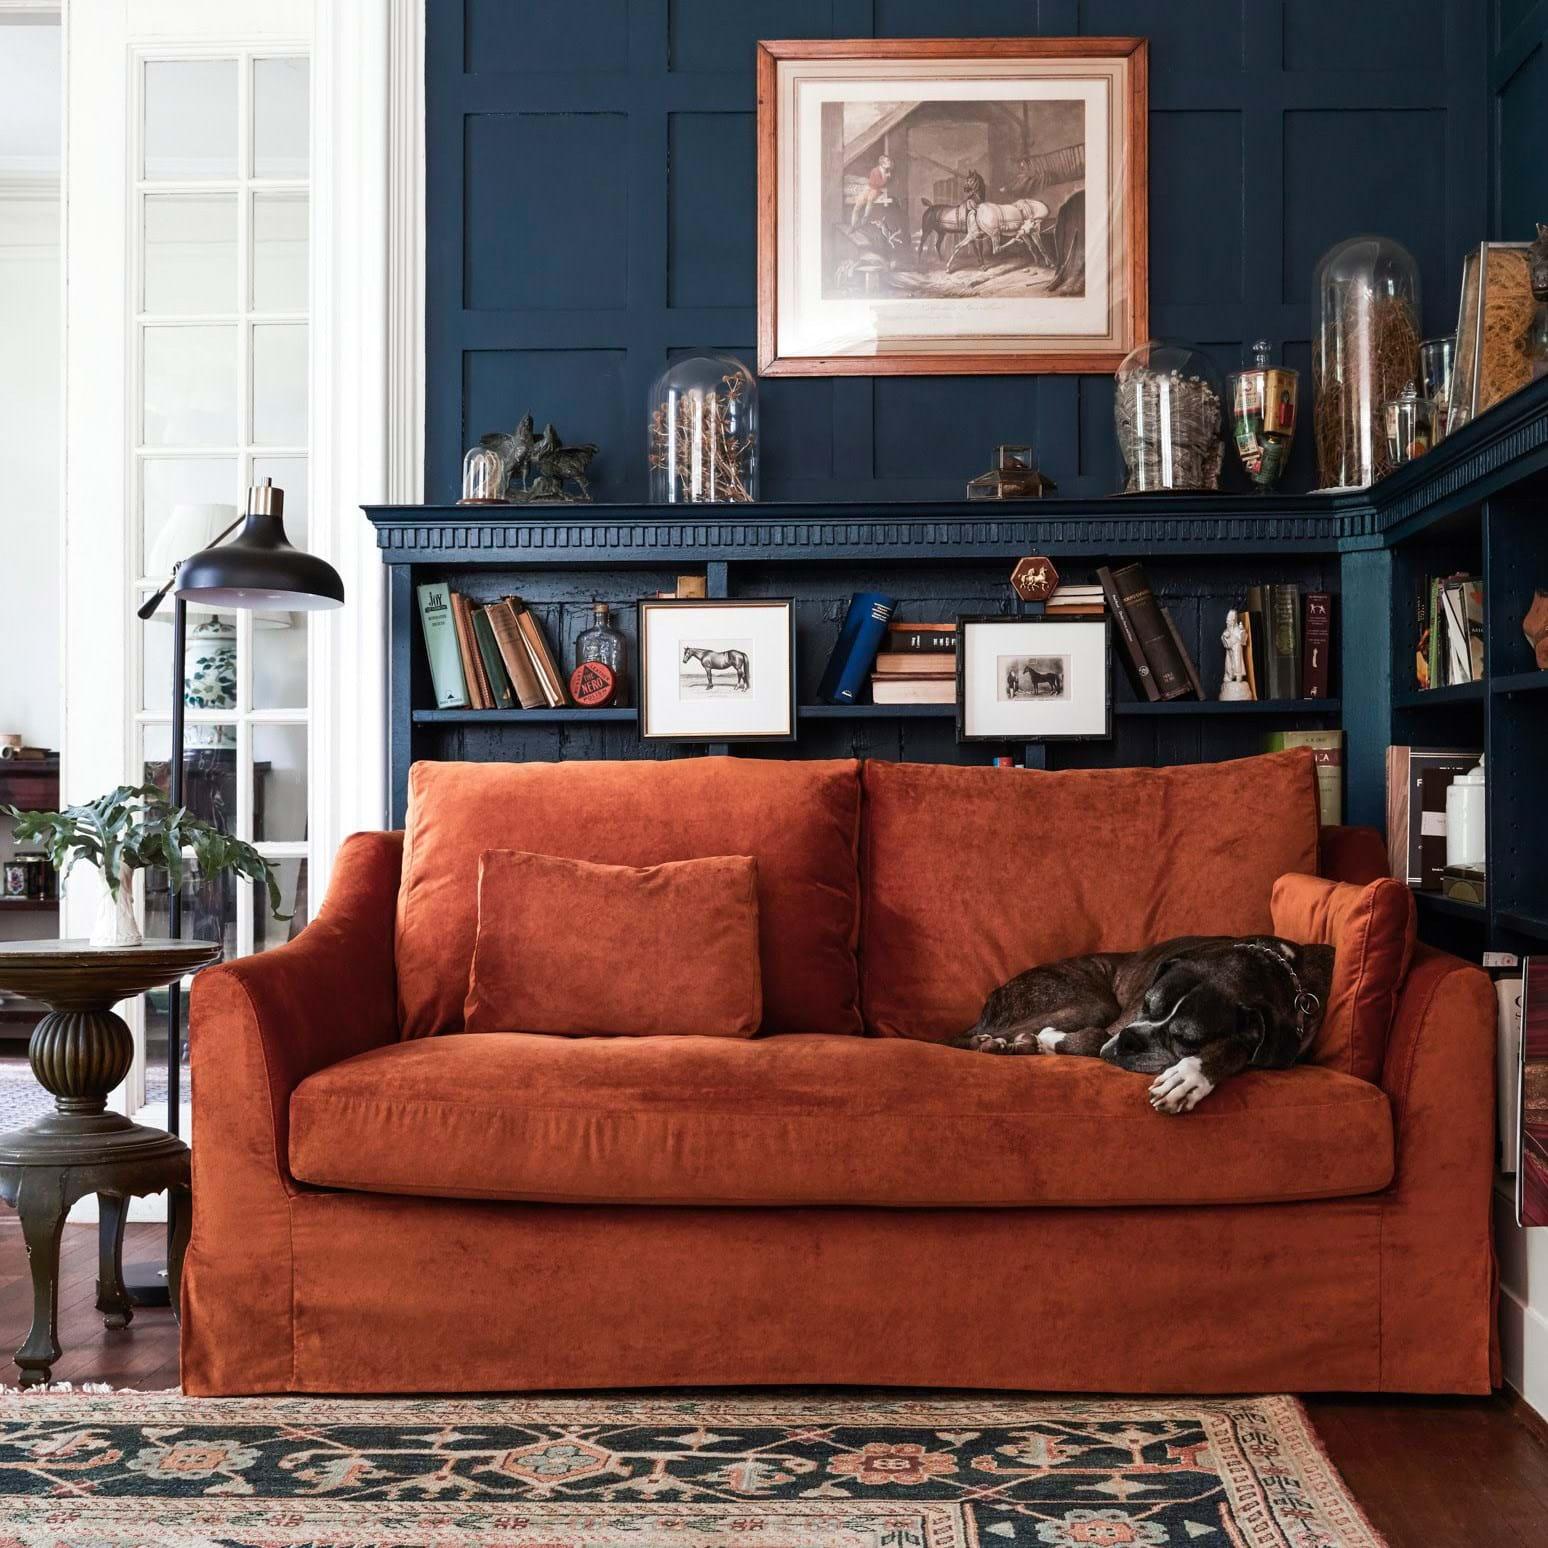 Ikea Färlöv 2 Seater Sofa Cover Bemz